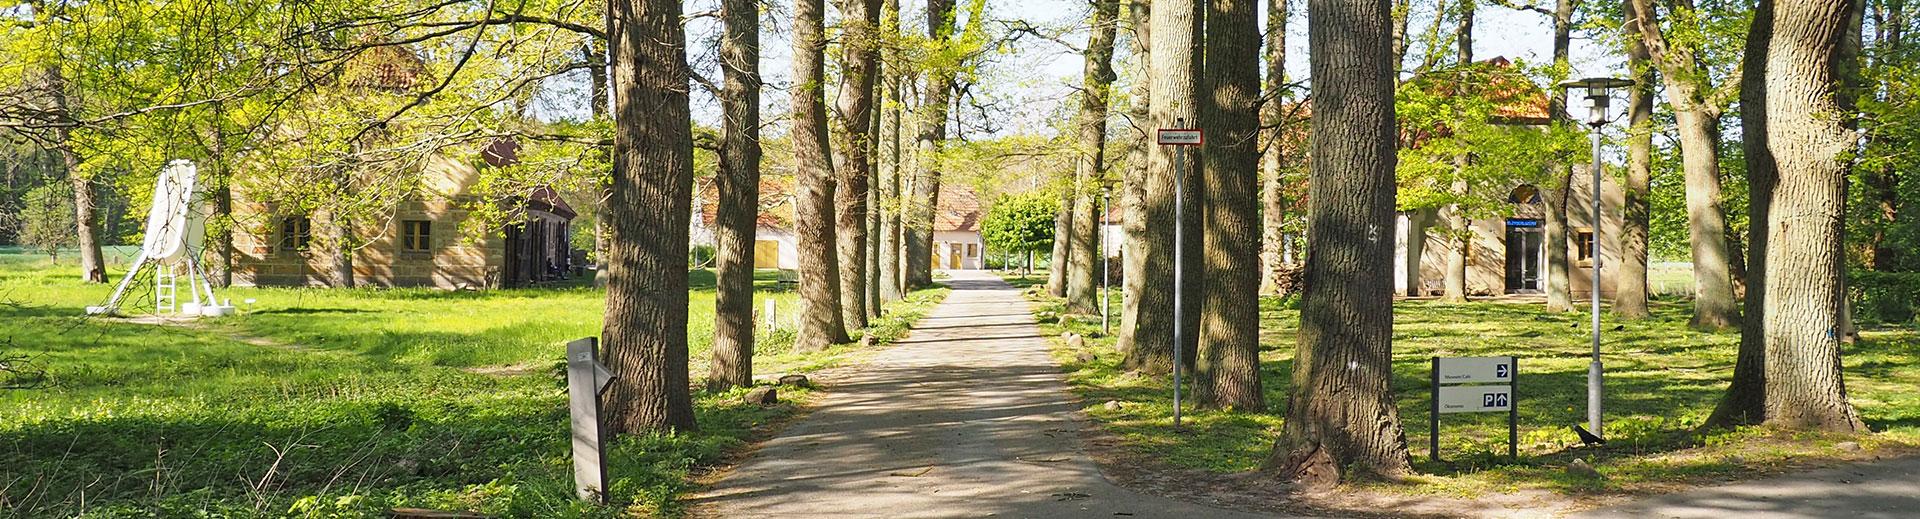 Workshops | Kloster Bentlage Rheine | Aussenansicht | Druckwerkstatt und Gelände